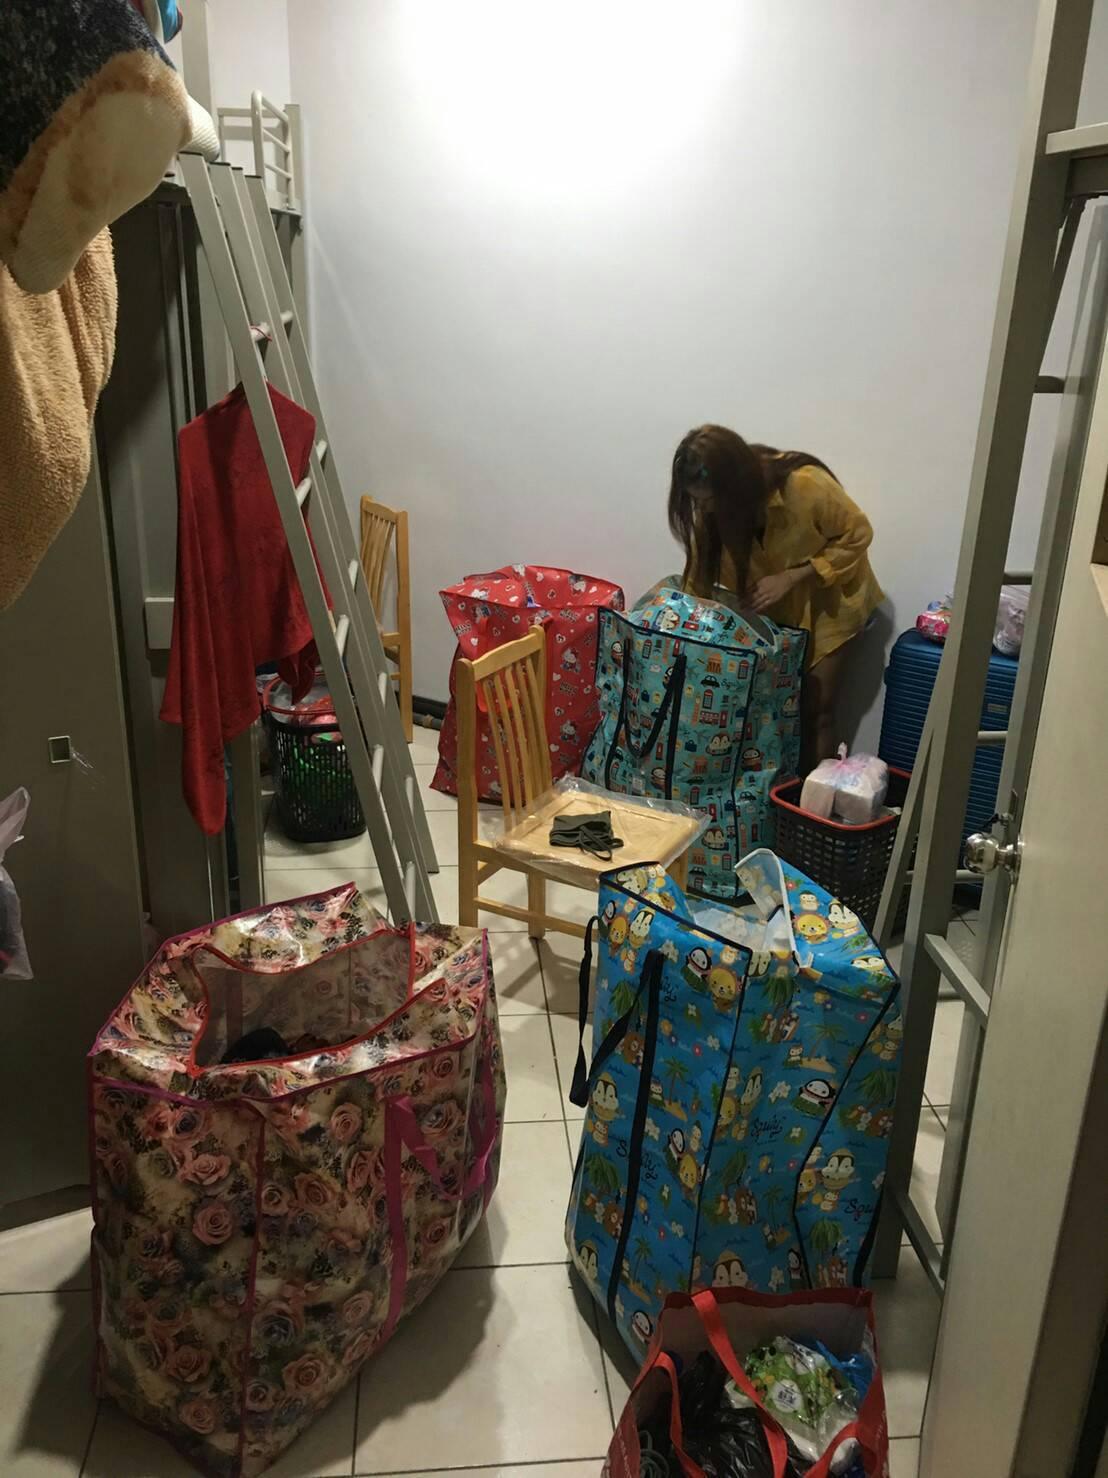 華映200多名移工因宿舍斷電無處去,桃園市勞動局昨晚緊急安排食宿協助安置。圖/桃...